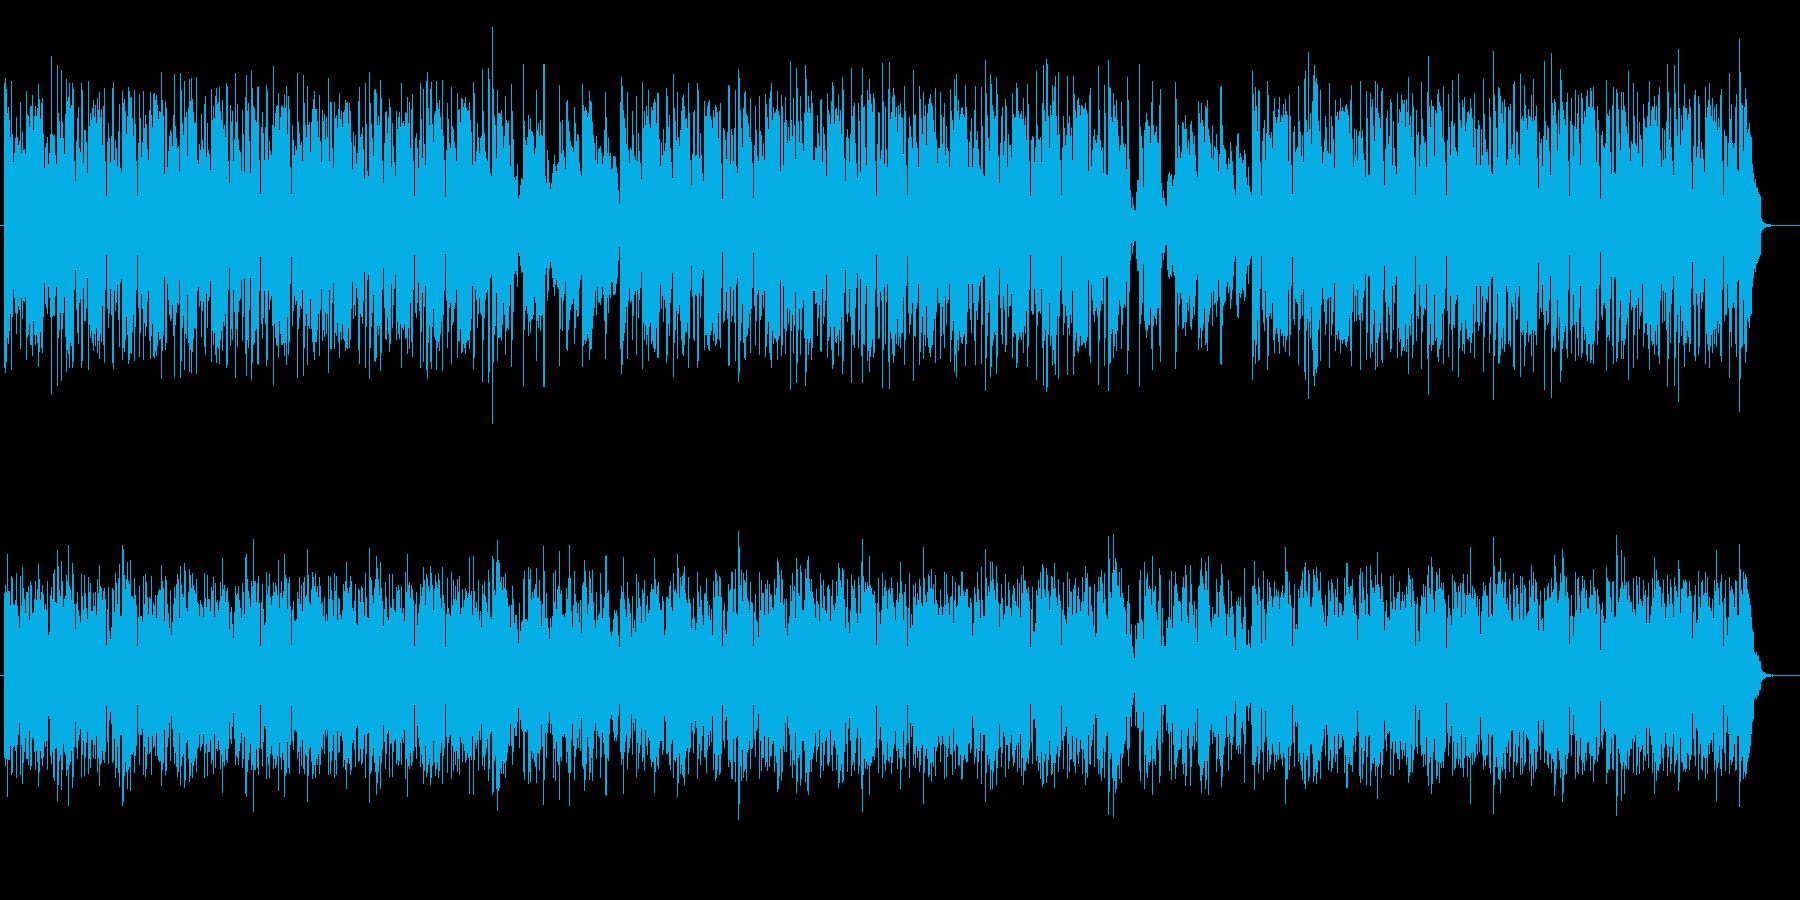 スウィングのリズムのポップスの再生済みの波形